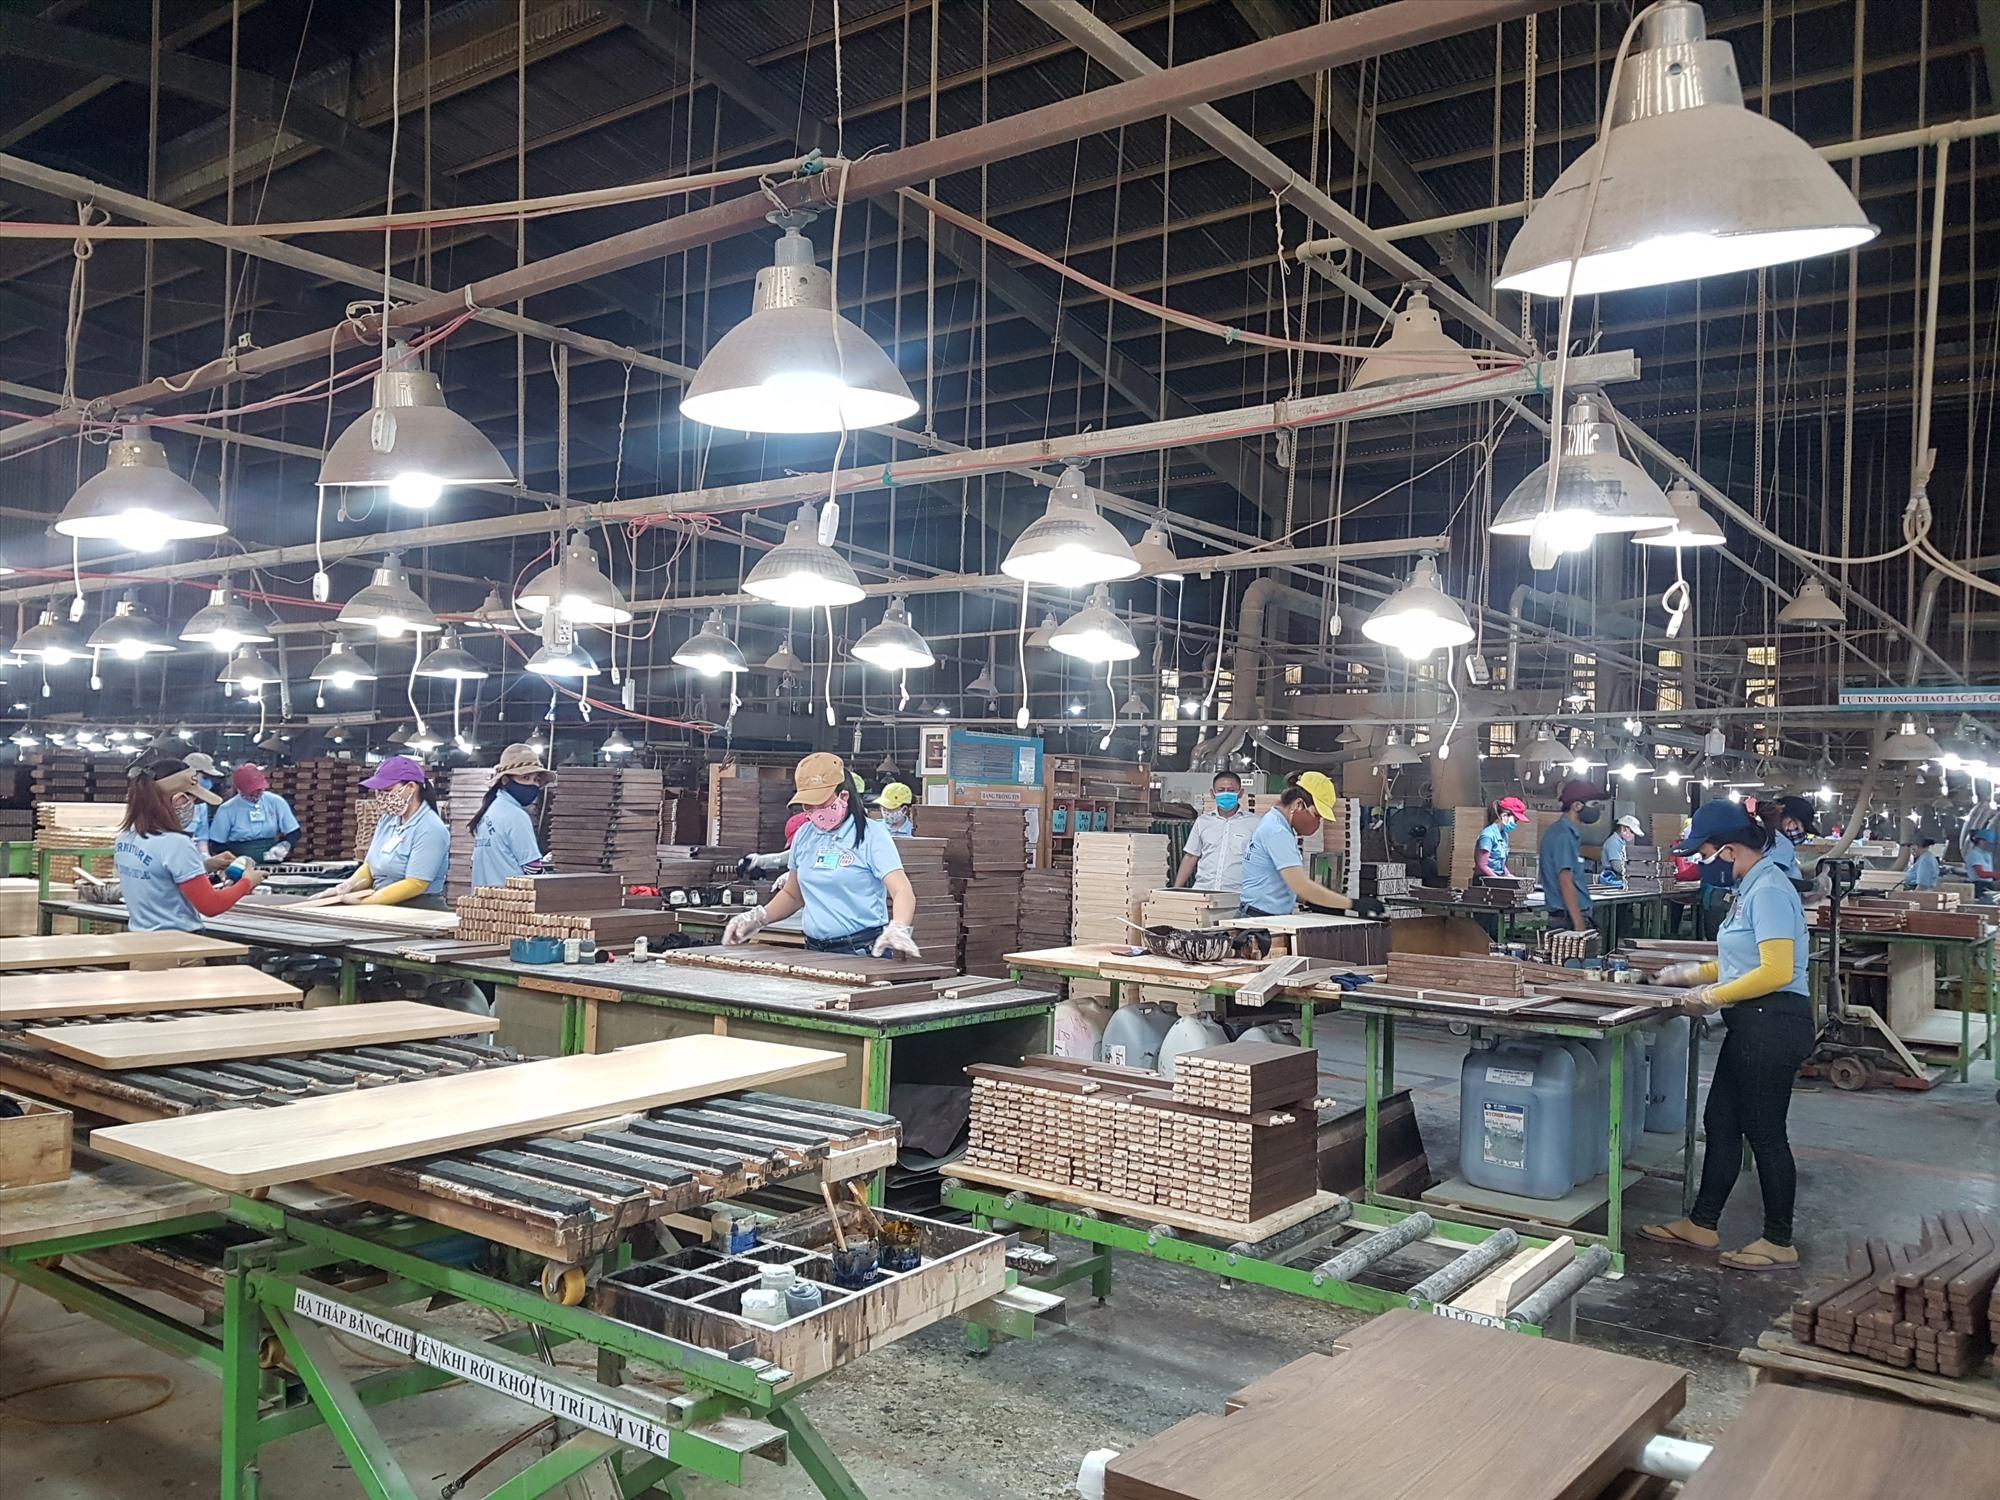 Doanh nghiệp tiếp cận vốn vay trả lương ngừng việc cho người lao động, vay phục hồi sản xuất vẫn còn khó do chưa đáp ứng quy định theo Nghị quyết 68. Ảnh: D.L